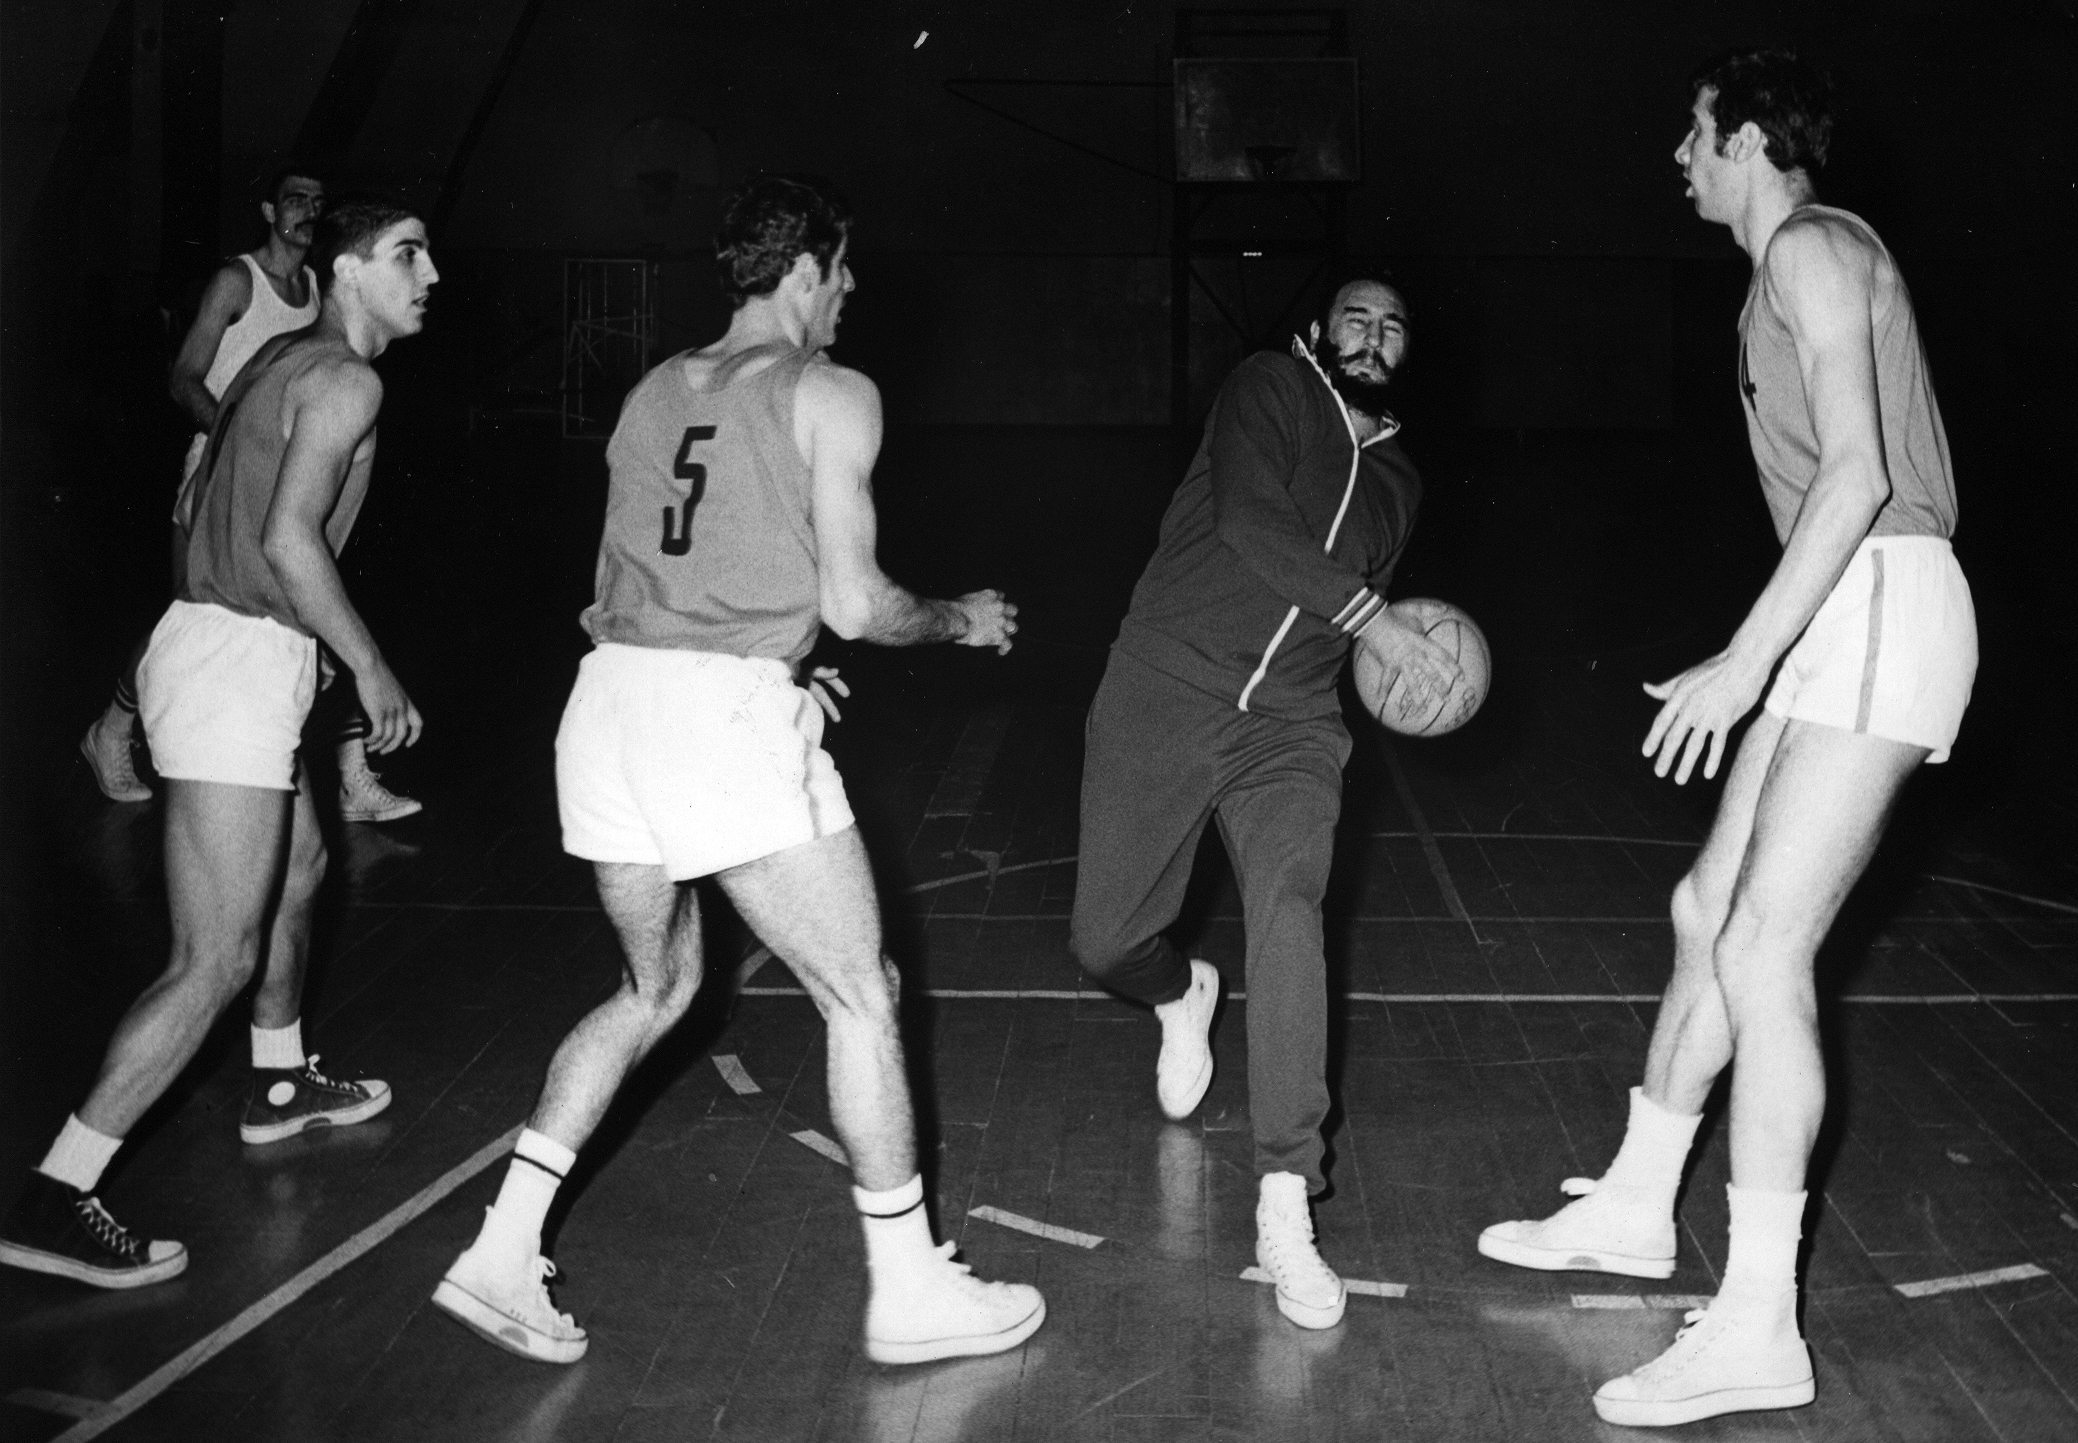 Participa en un juego de baloncesto entre el equipo de la ciudad de Sofía y uno del ejército de Bulgaria, en el estadio del Ejército Popular. República Popular de Bulgaria, mayo de 1972